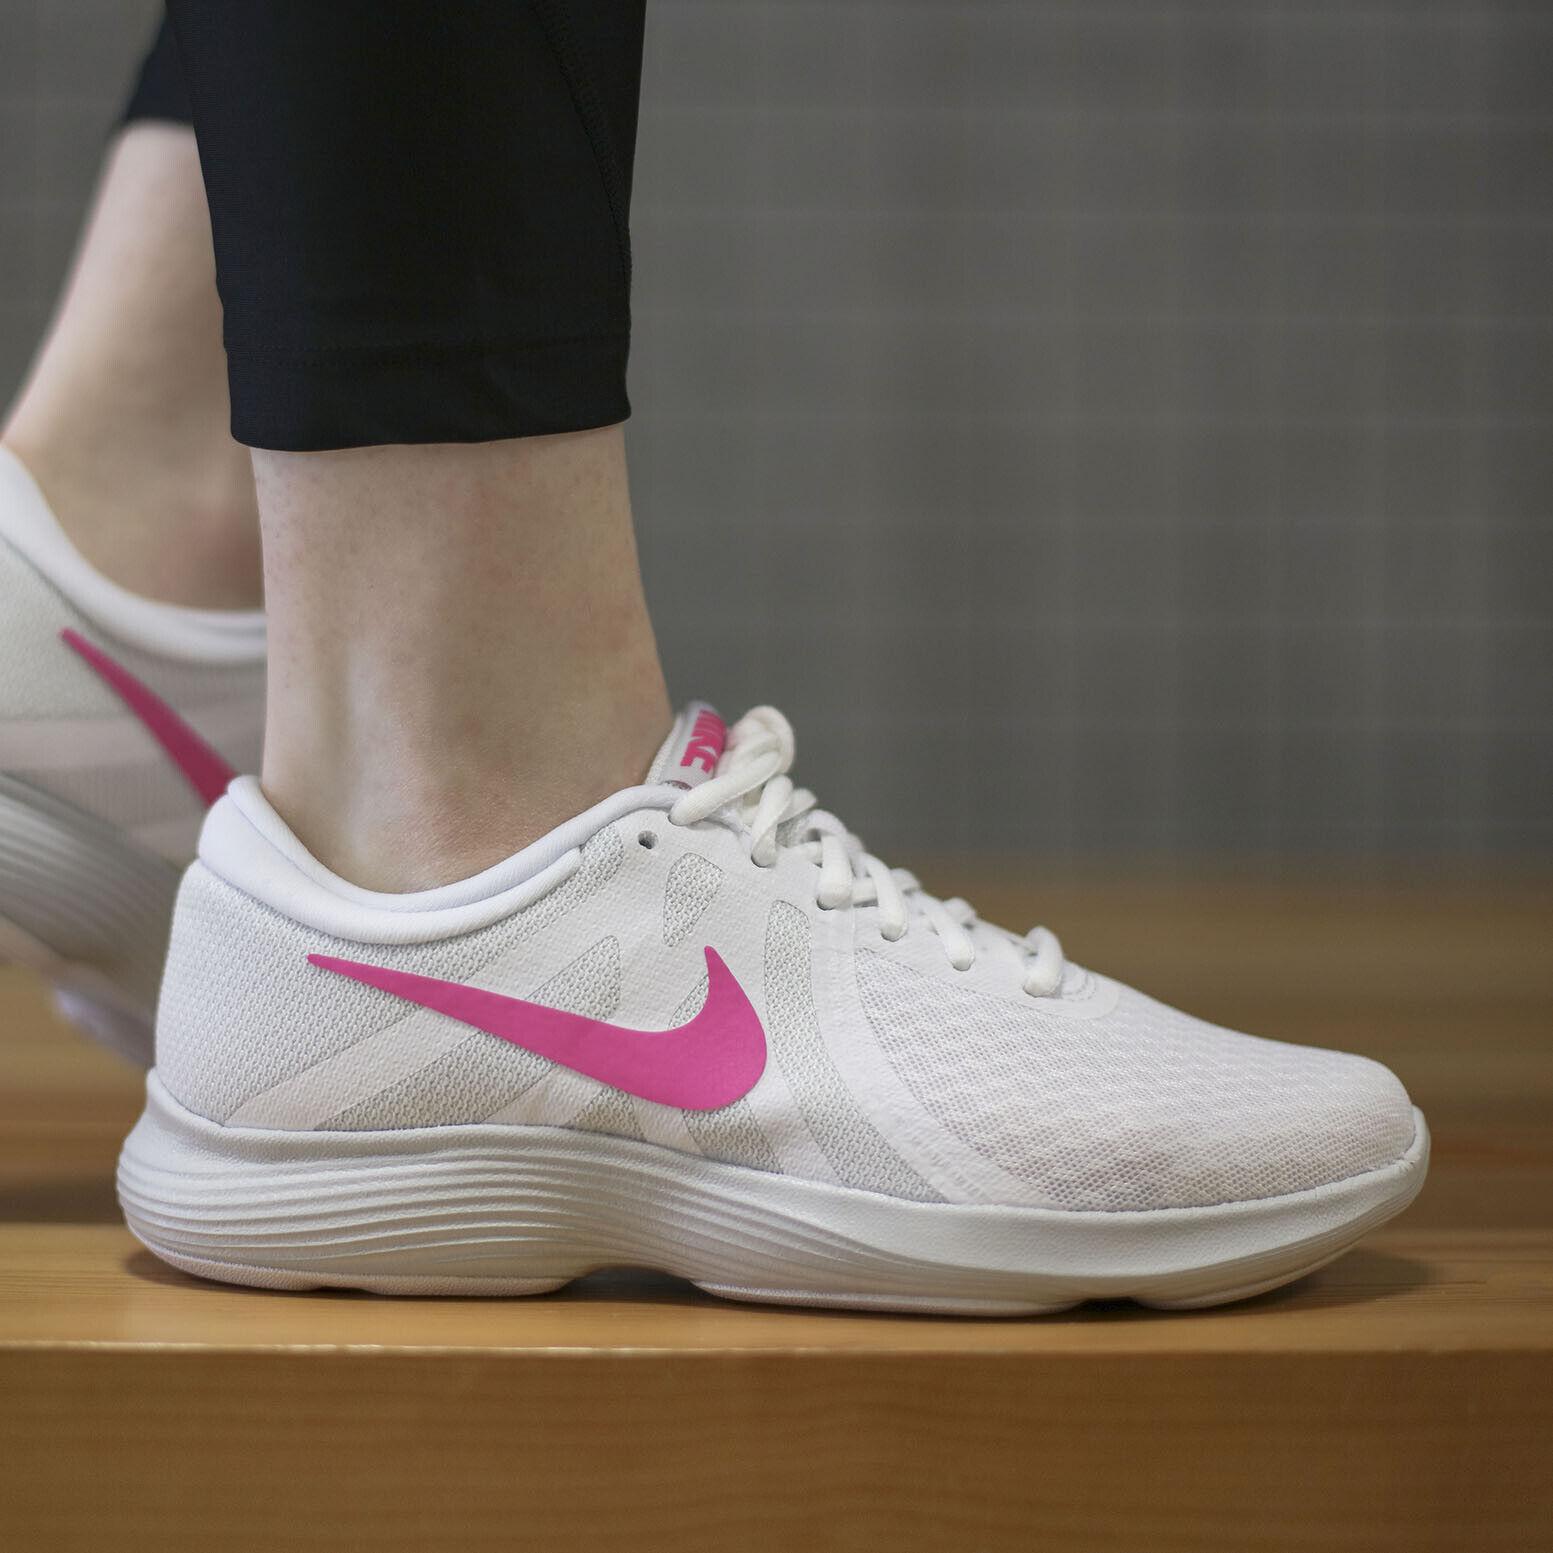 Nike Turnschuhe Jungen 38 Test Vergleich +++ Nike Turnschuhe